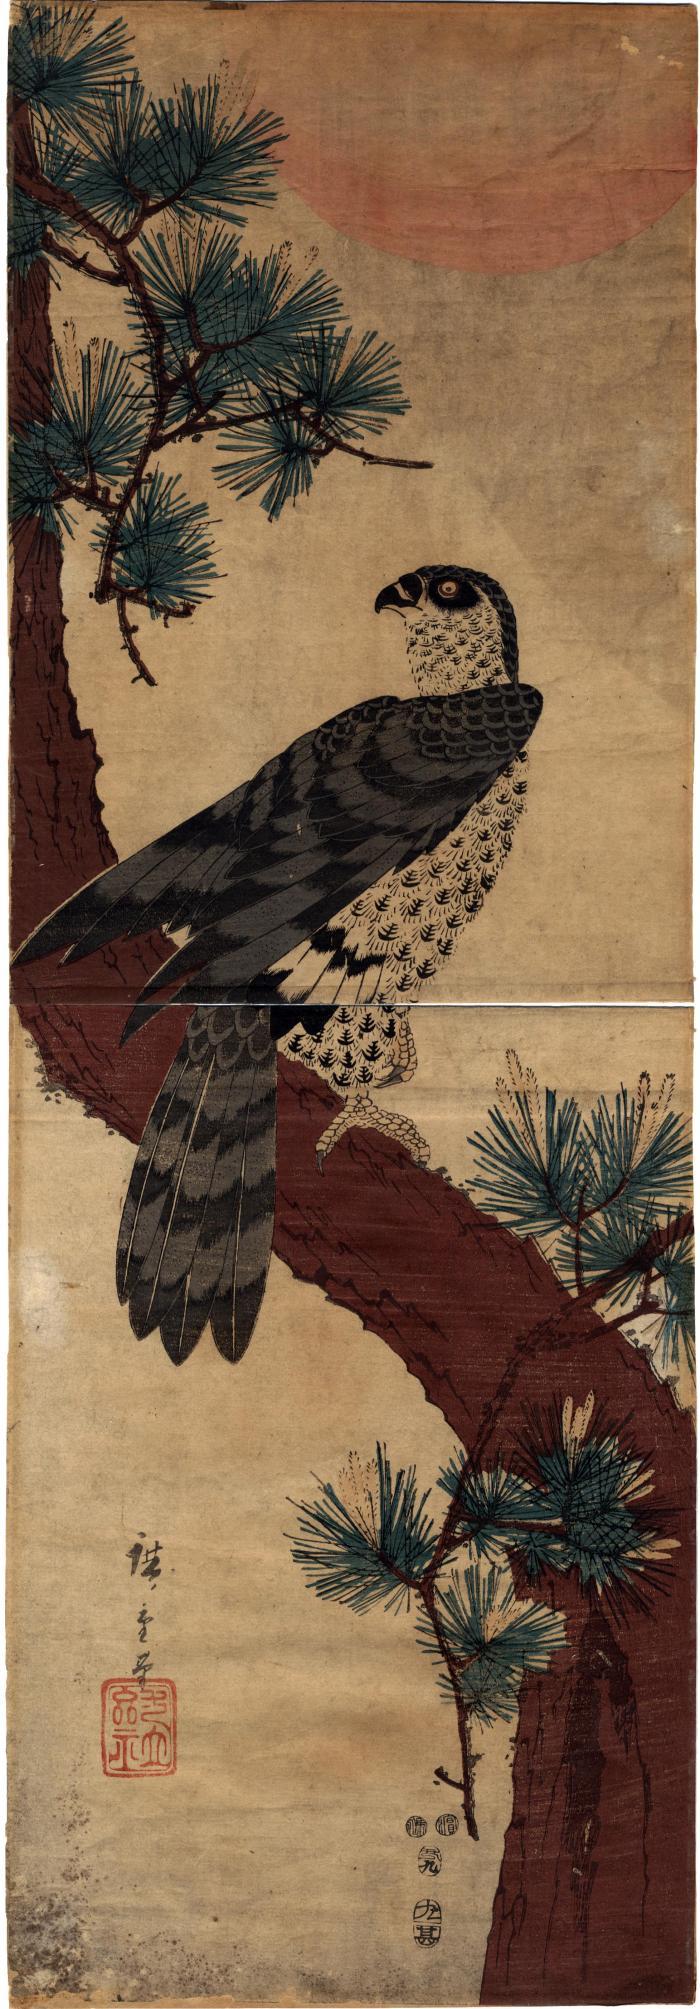 Falcon on Pine at Sunrise (松に鷹日の出)